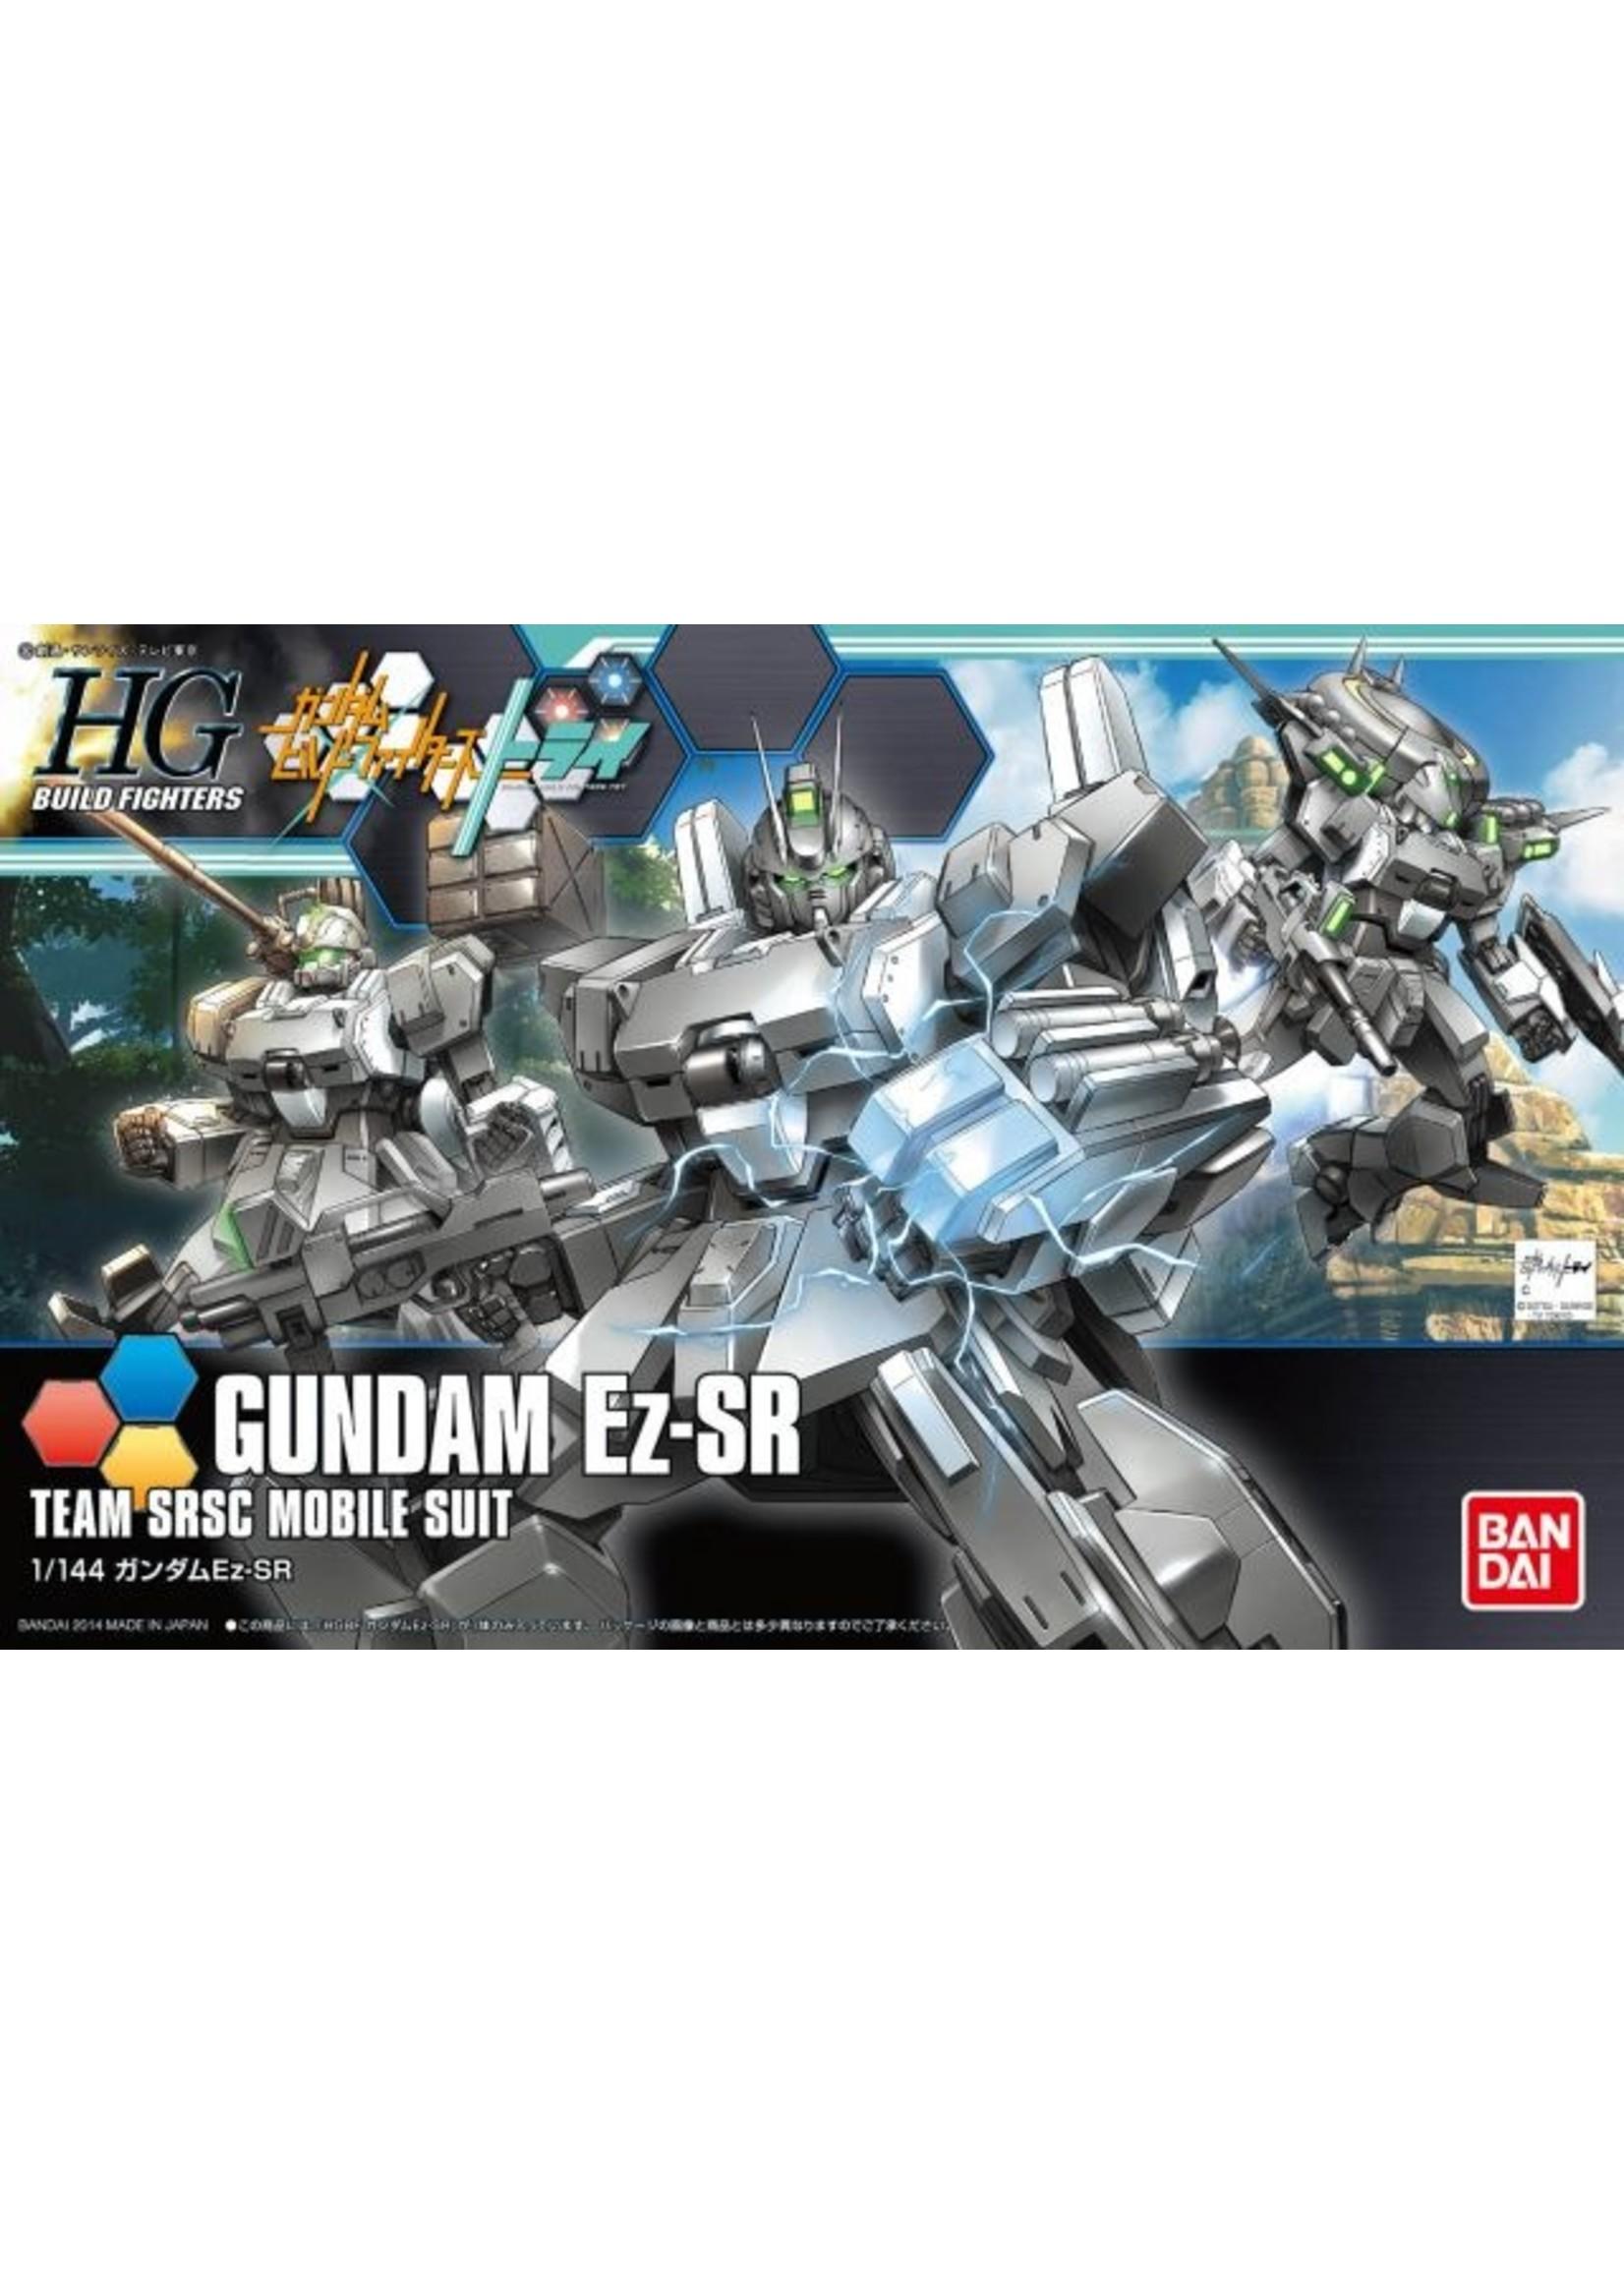 Gundam: HG 1/144 Ez-SR